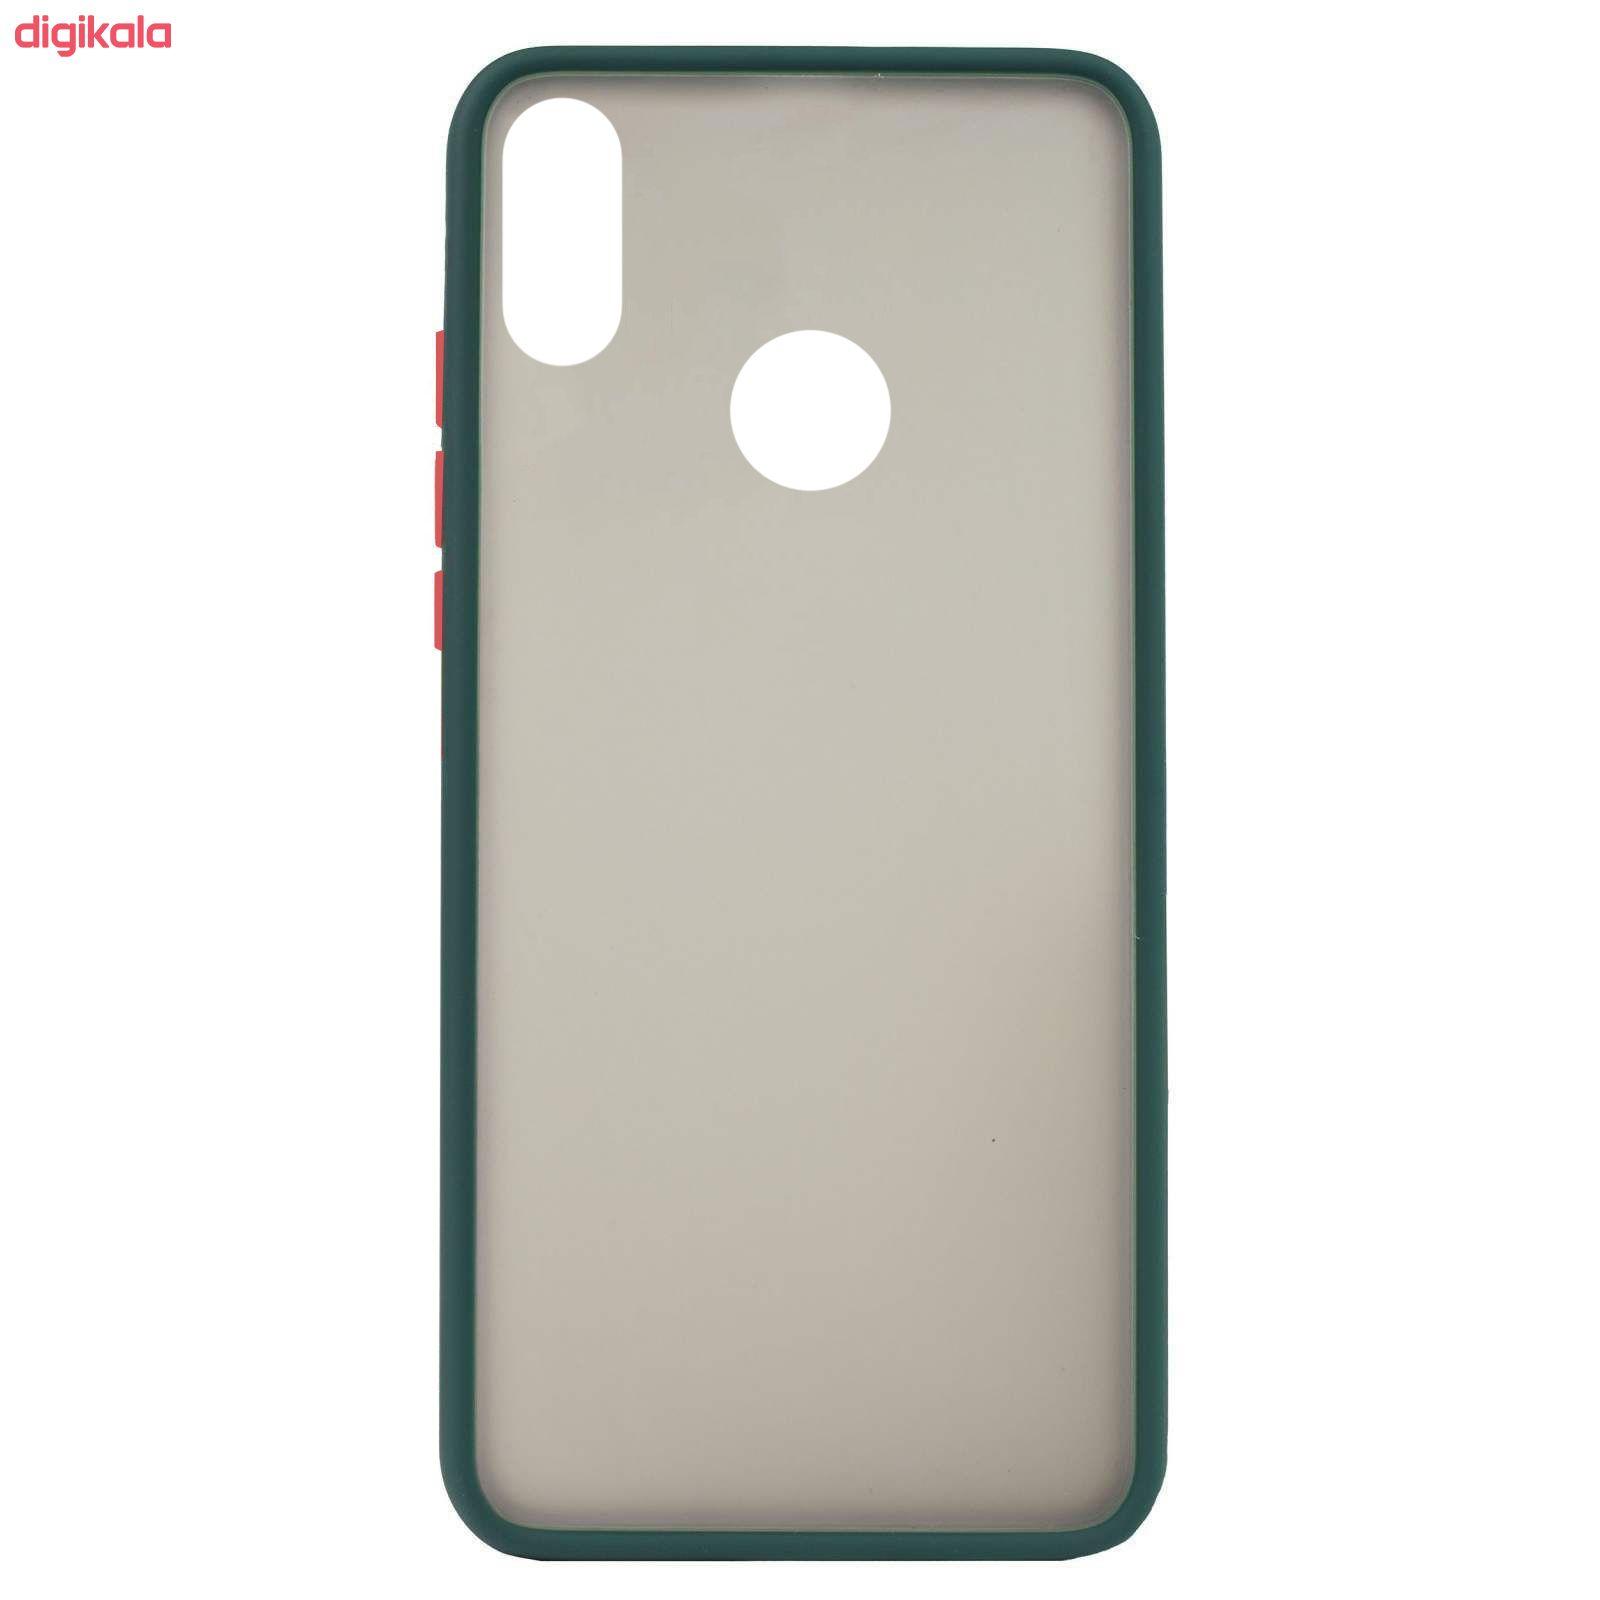 کاور مدل SB-01 مناسب برای گوشی موبایل هوآوی Y6 2019 main 1 1